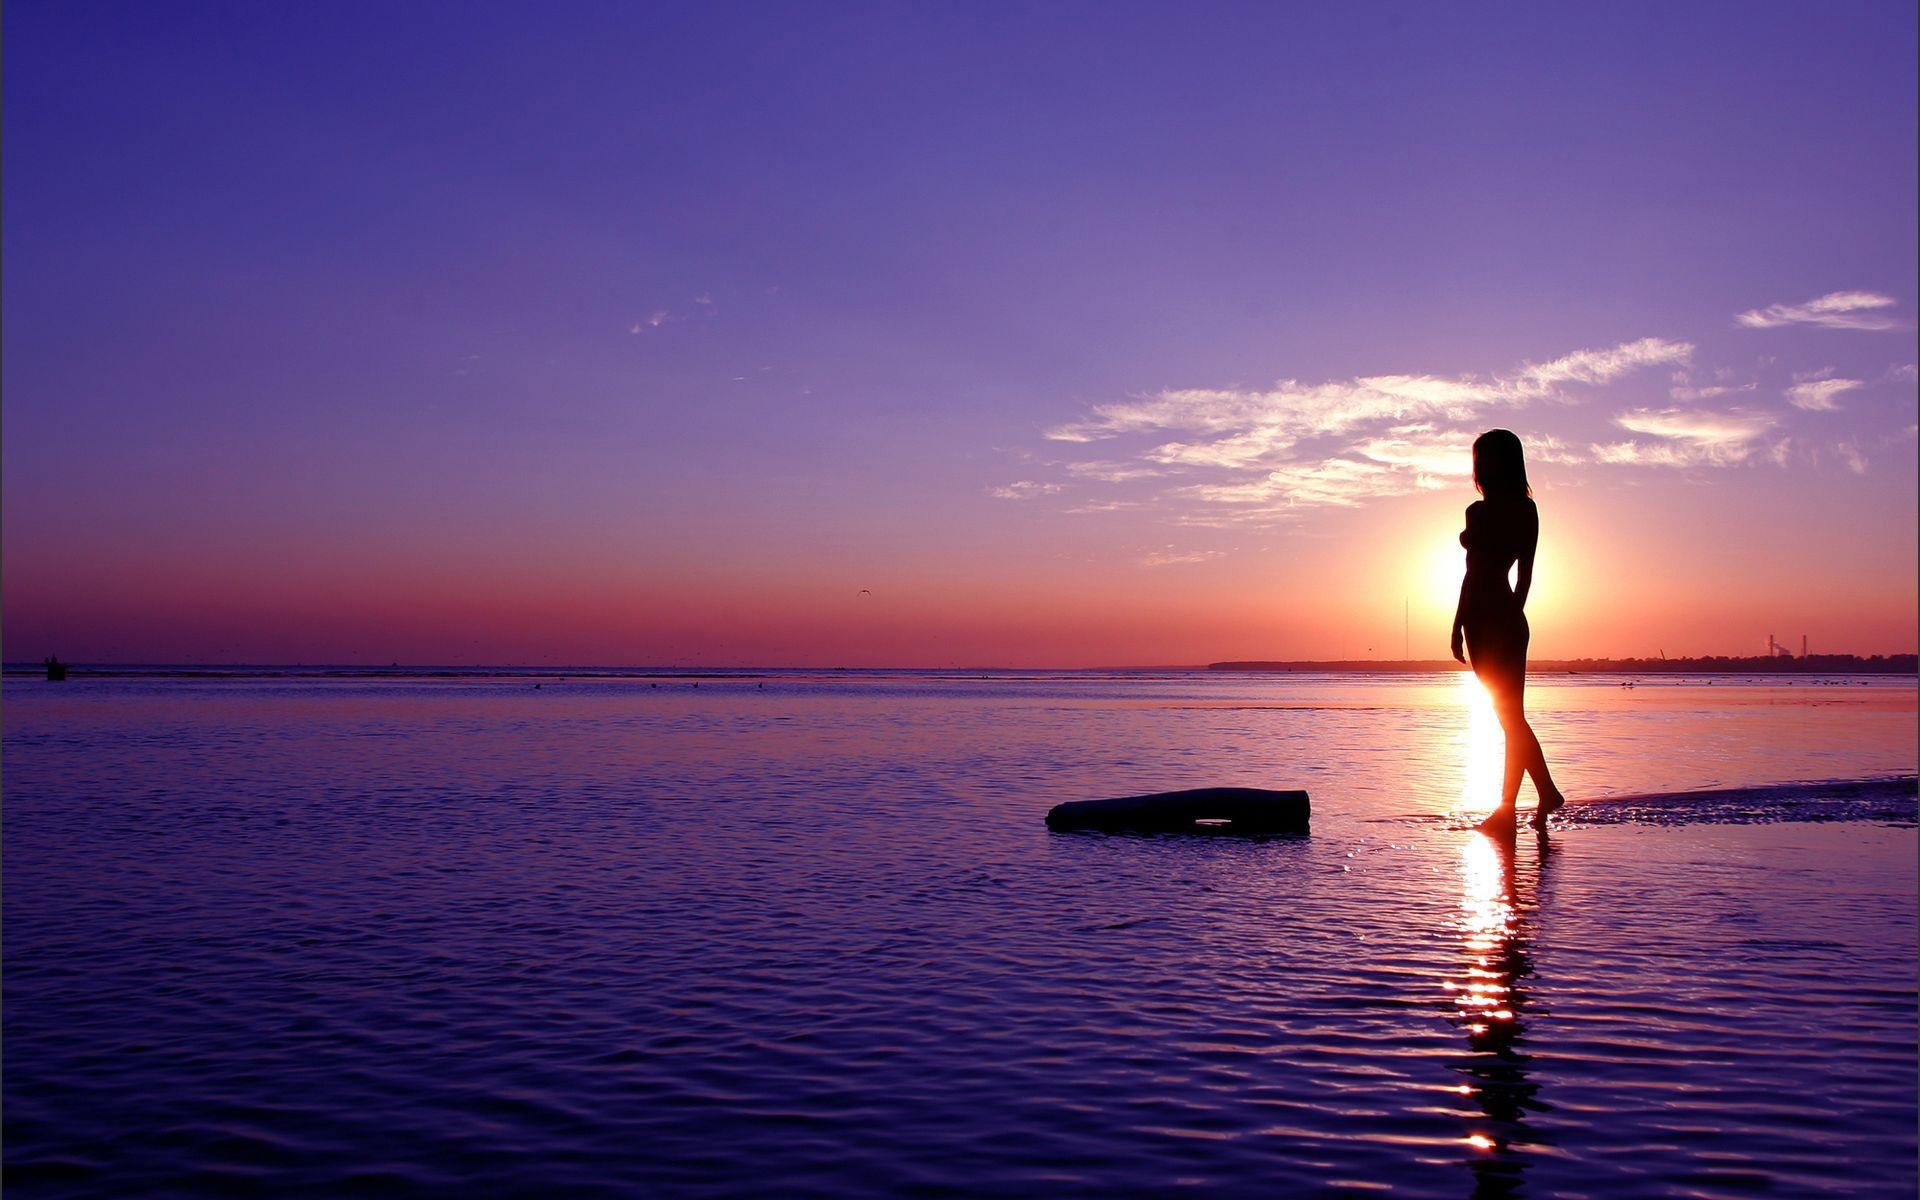 beach sunset wallpapers hot girl